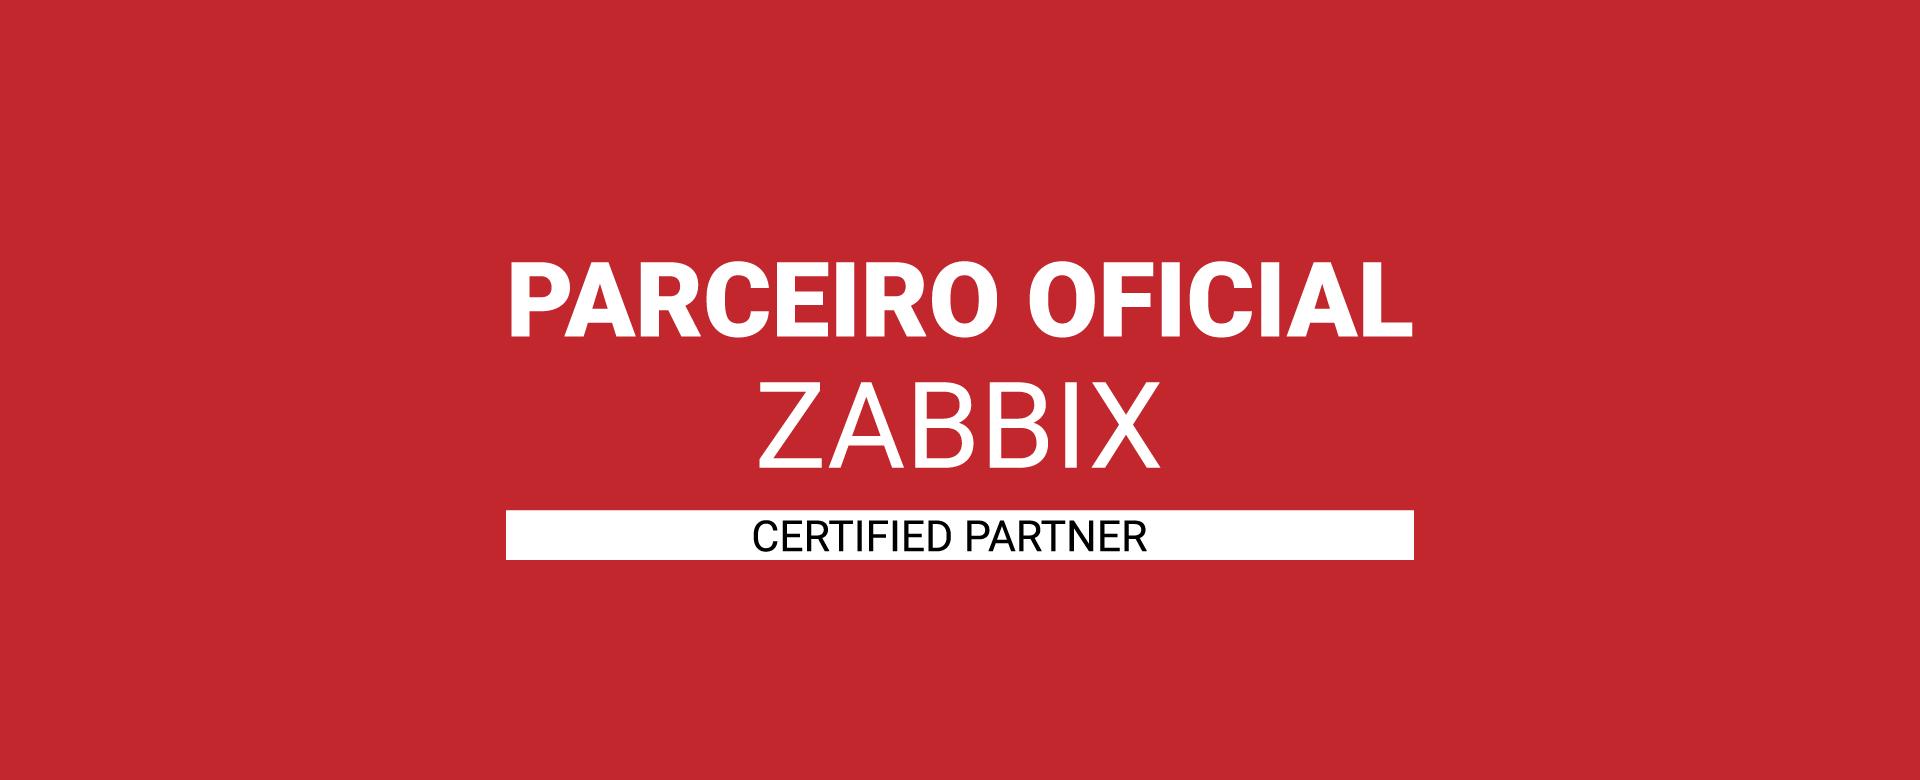 banner-ZABBIX-PARTNER